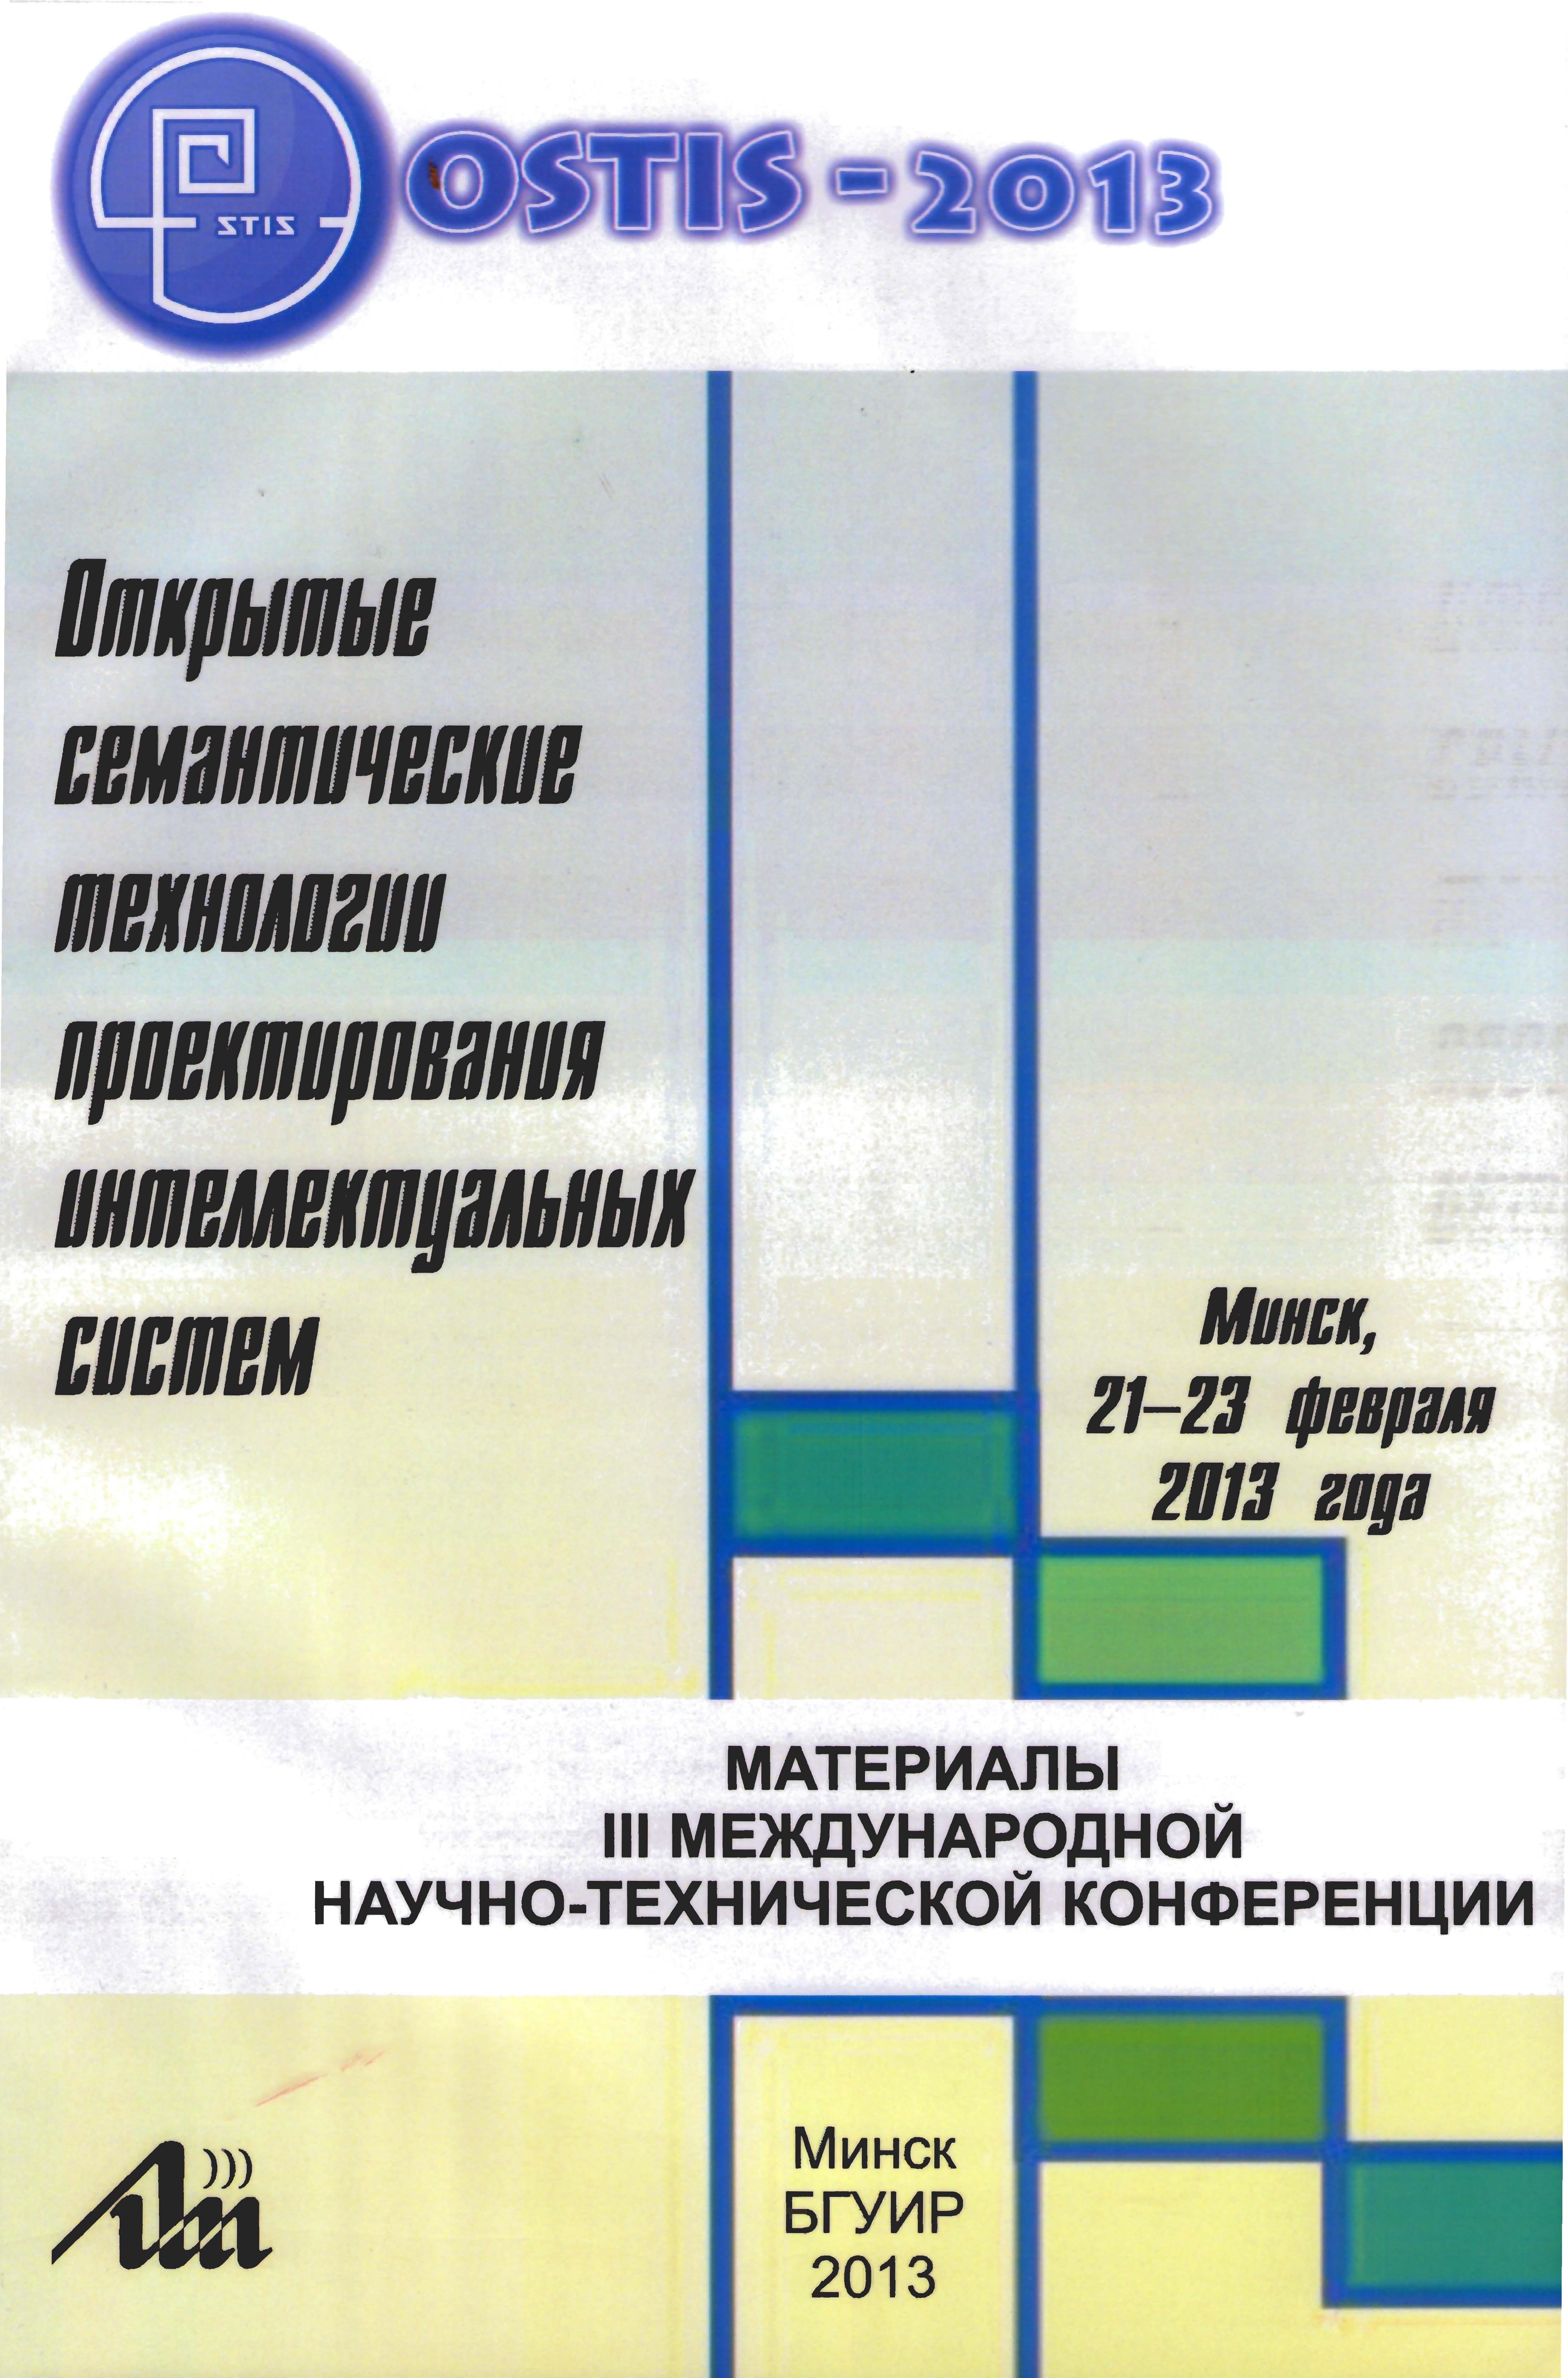 Открытые семантические технологии проектирования интеллектуальных систем. Материалы III международной научно-технической конференции ( Минск, 21 – 23 февраля 2013 года )